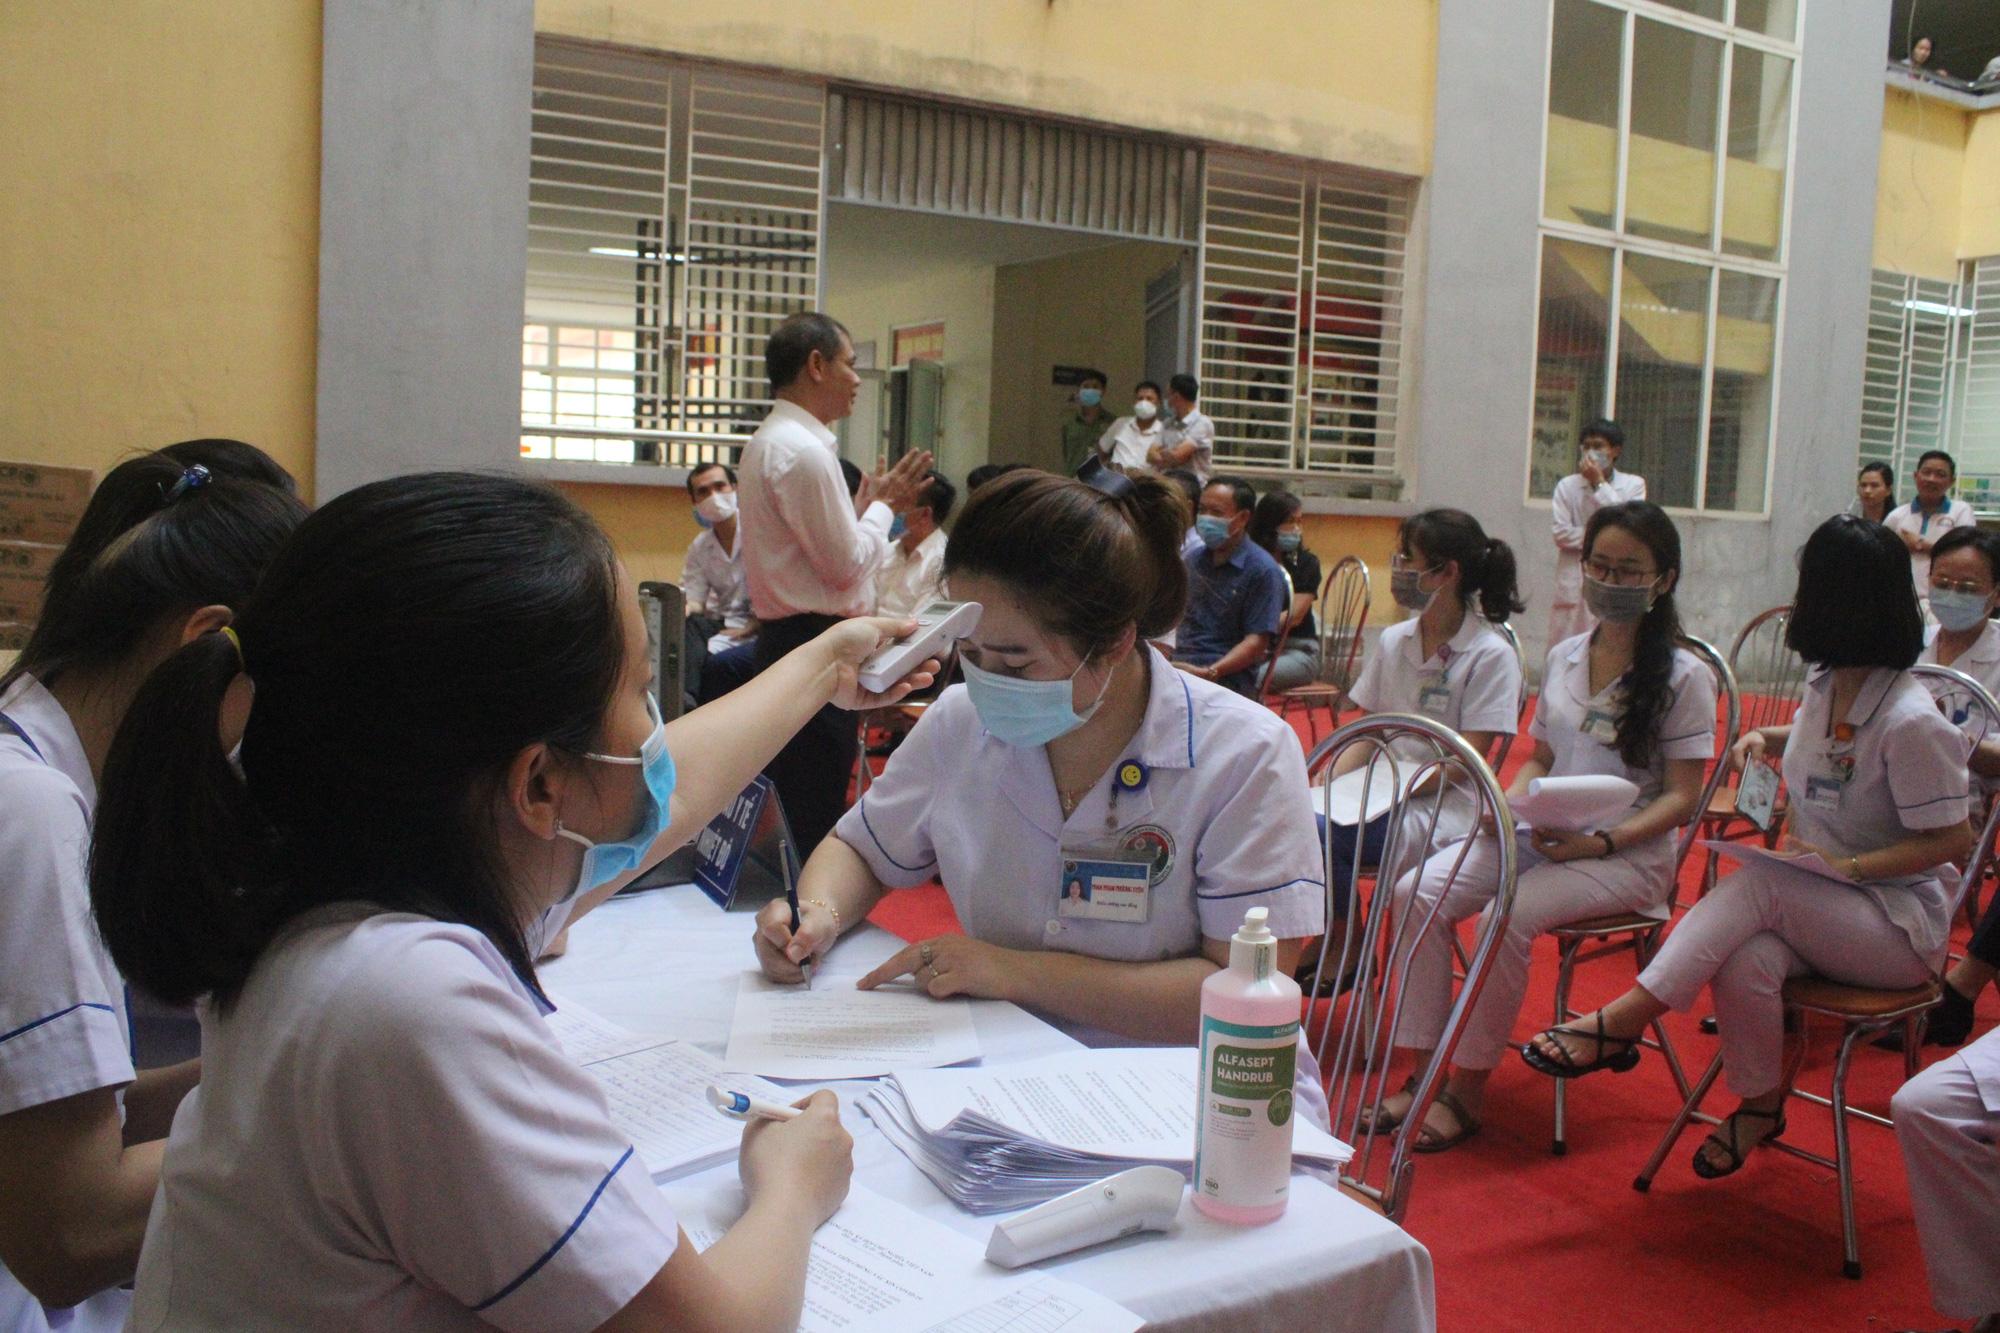 Clip: Hà Tĩnh tiêm liều vaccine phòng COVID-19 đầu tiên cho những y, bác sĩ - Ảnh 3.